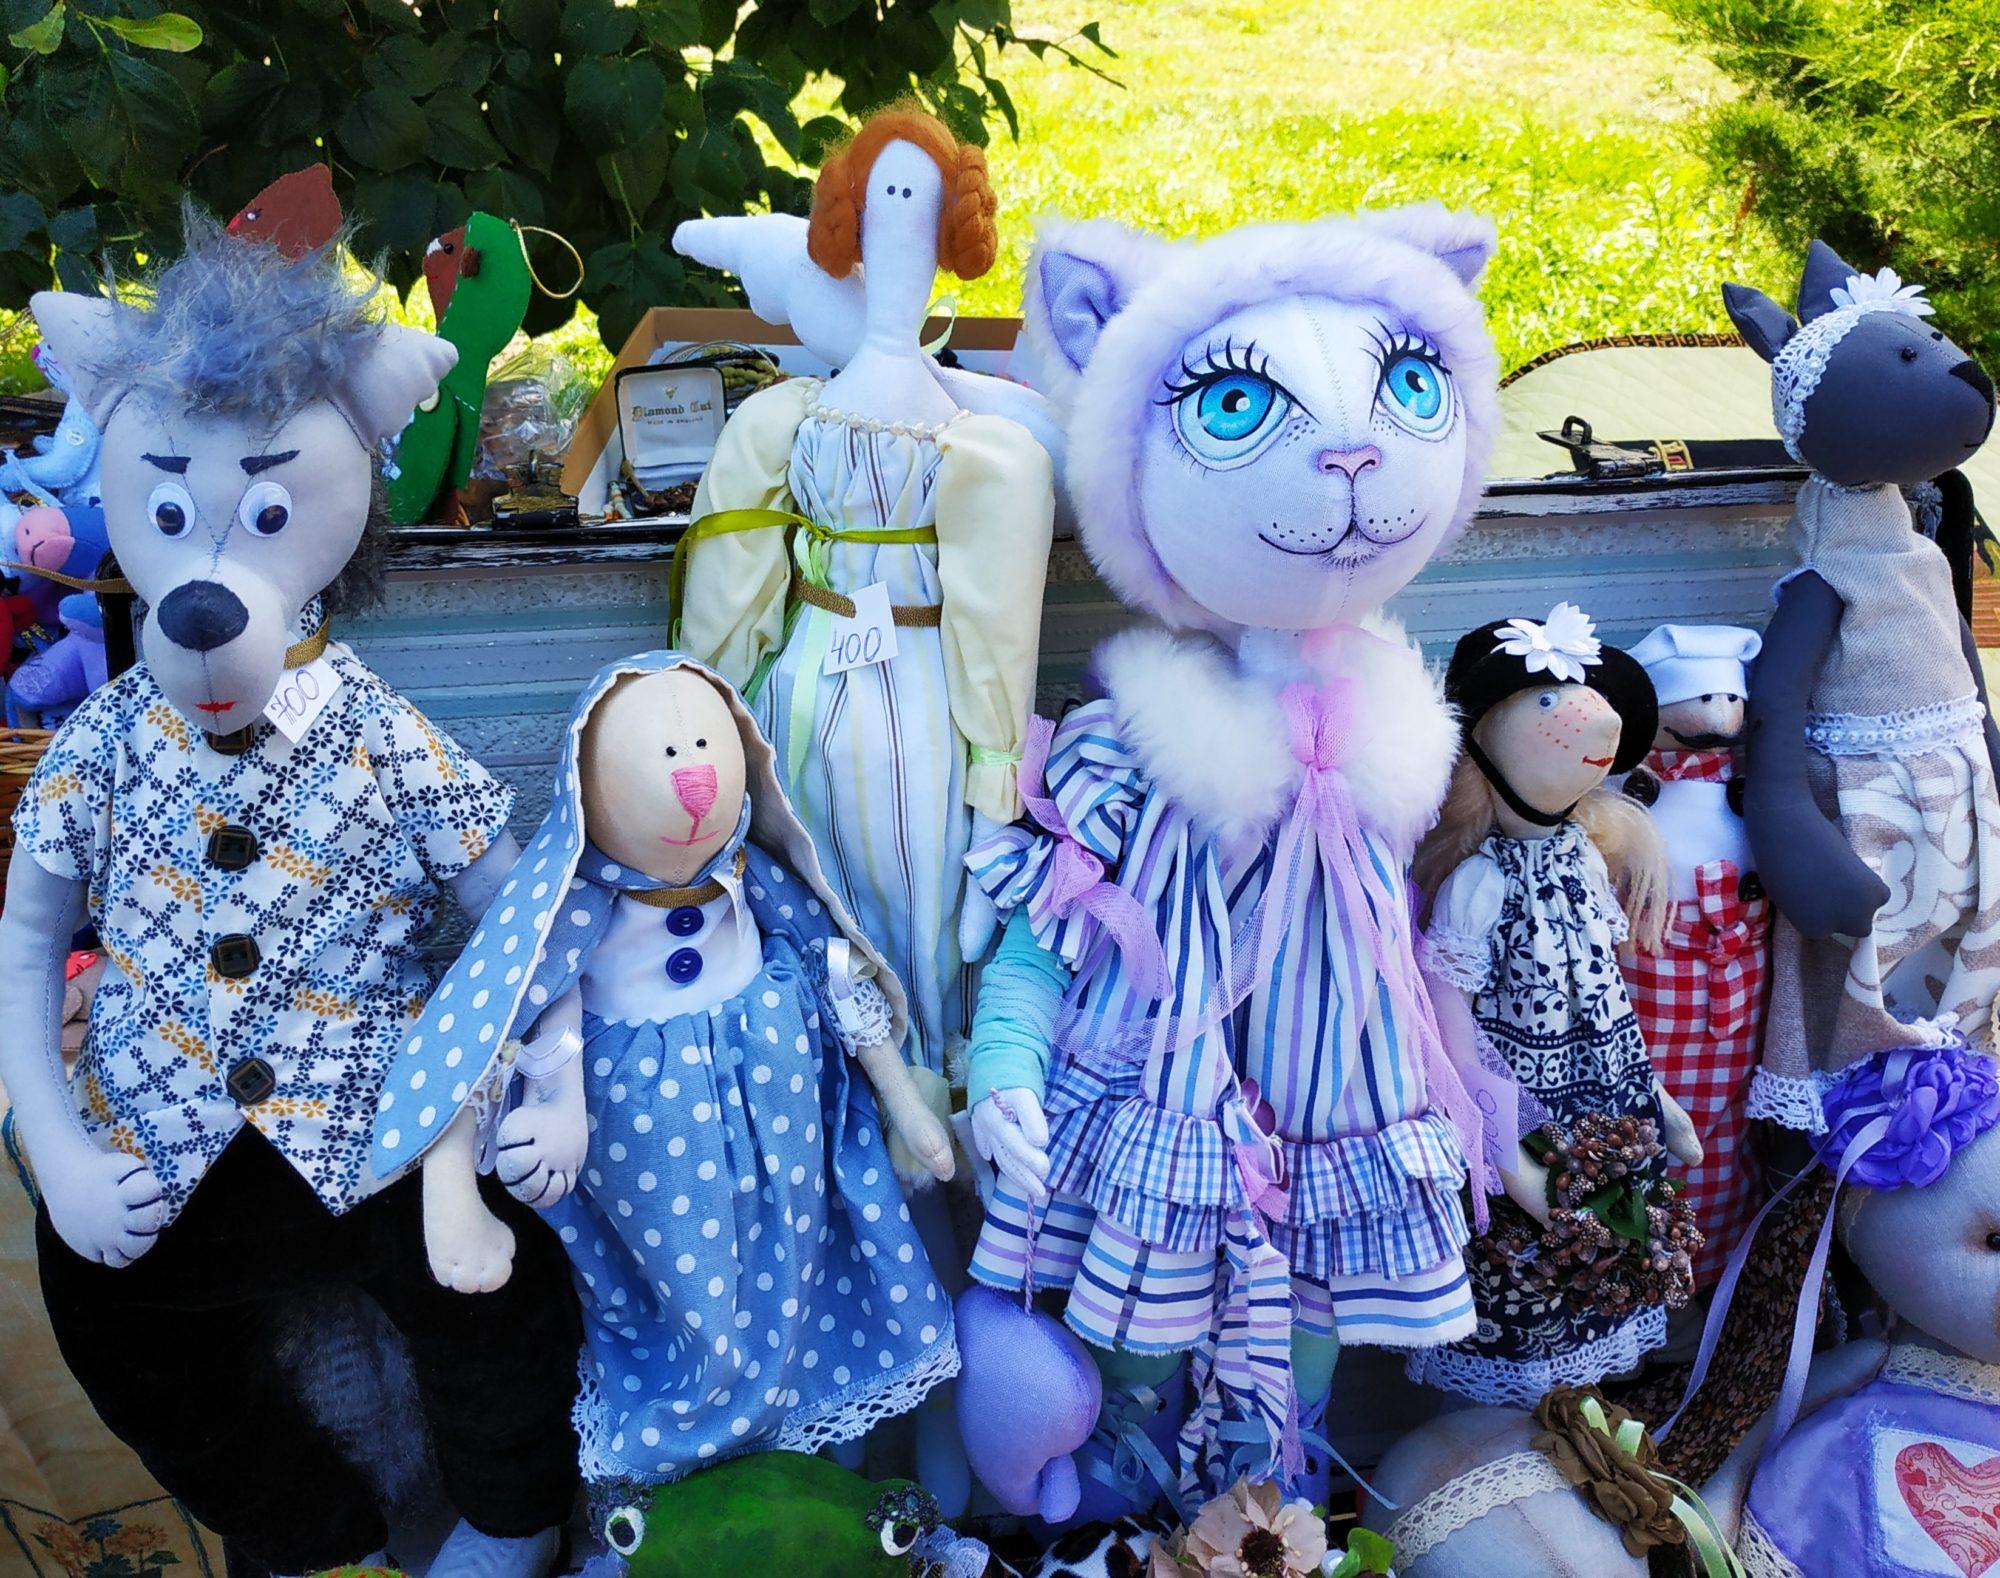 «Свято родинних традицій» у Вишгороді зібрало друзів і партнерів - Фестиваль, Вишгород - 0810 Rodynni lyalky 2000x1578